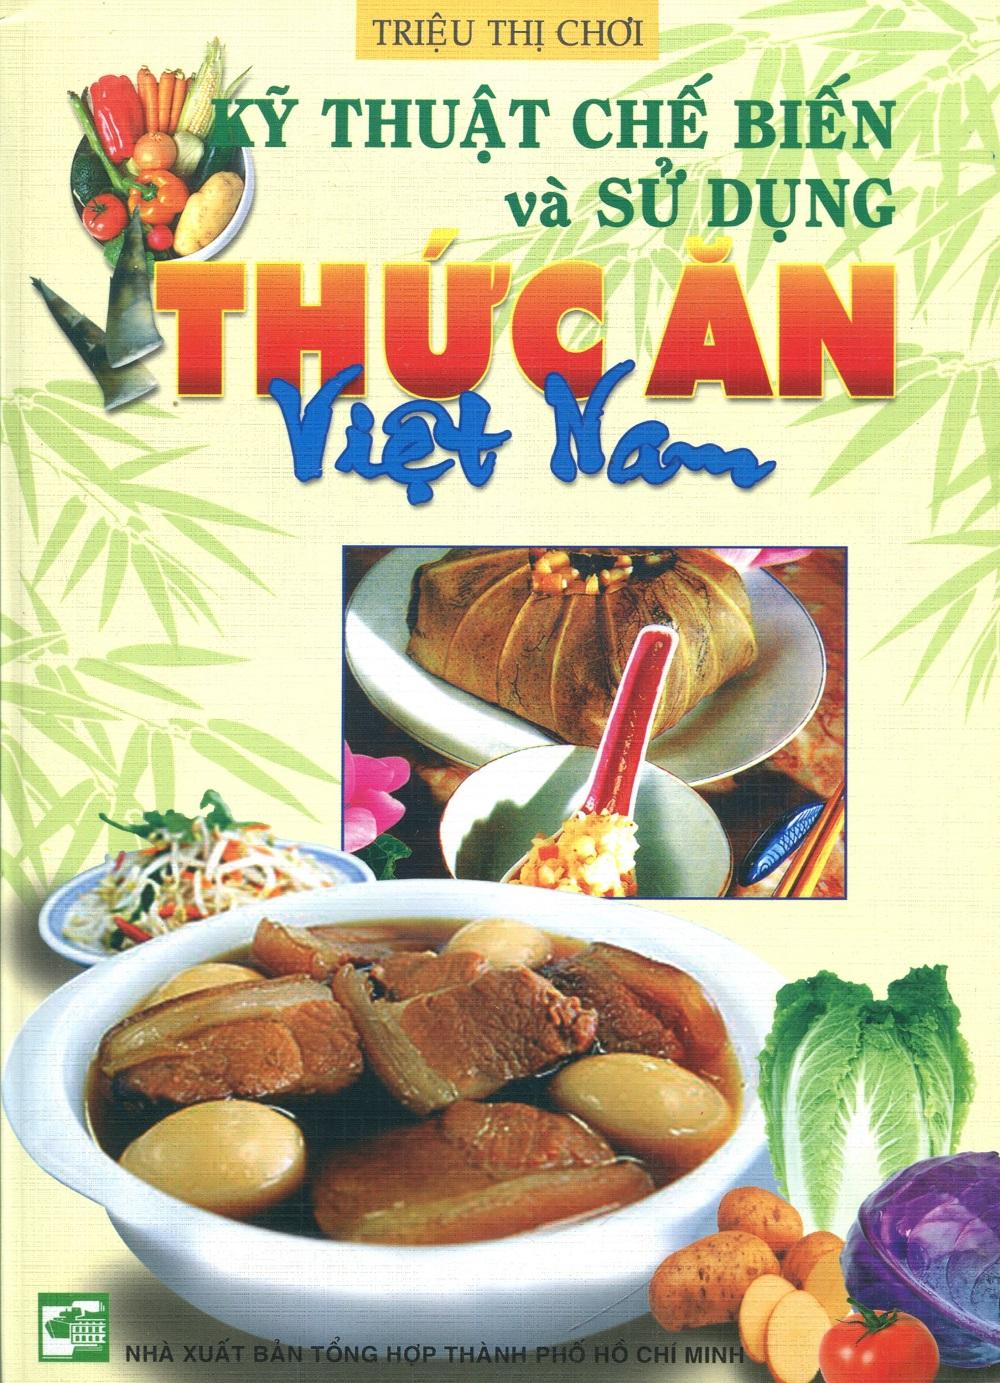 Kỹ Thuật Chế Biến Và Sử Dụng Thức Ăn Việt Nam